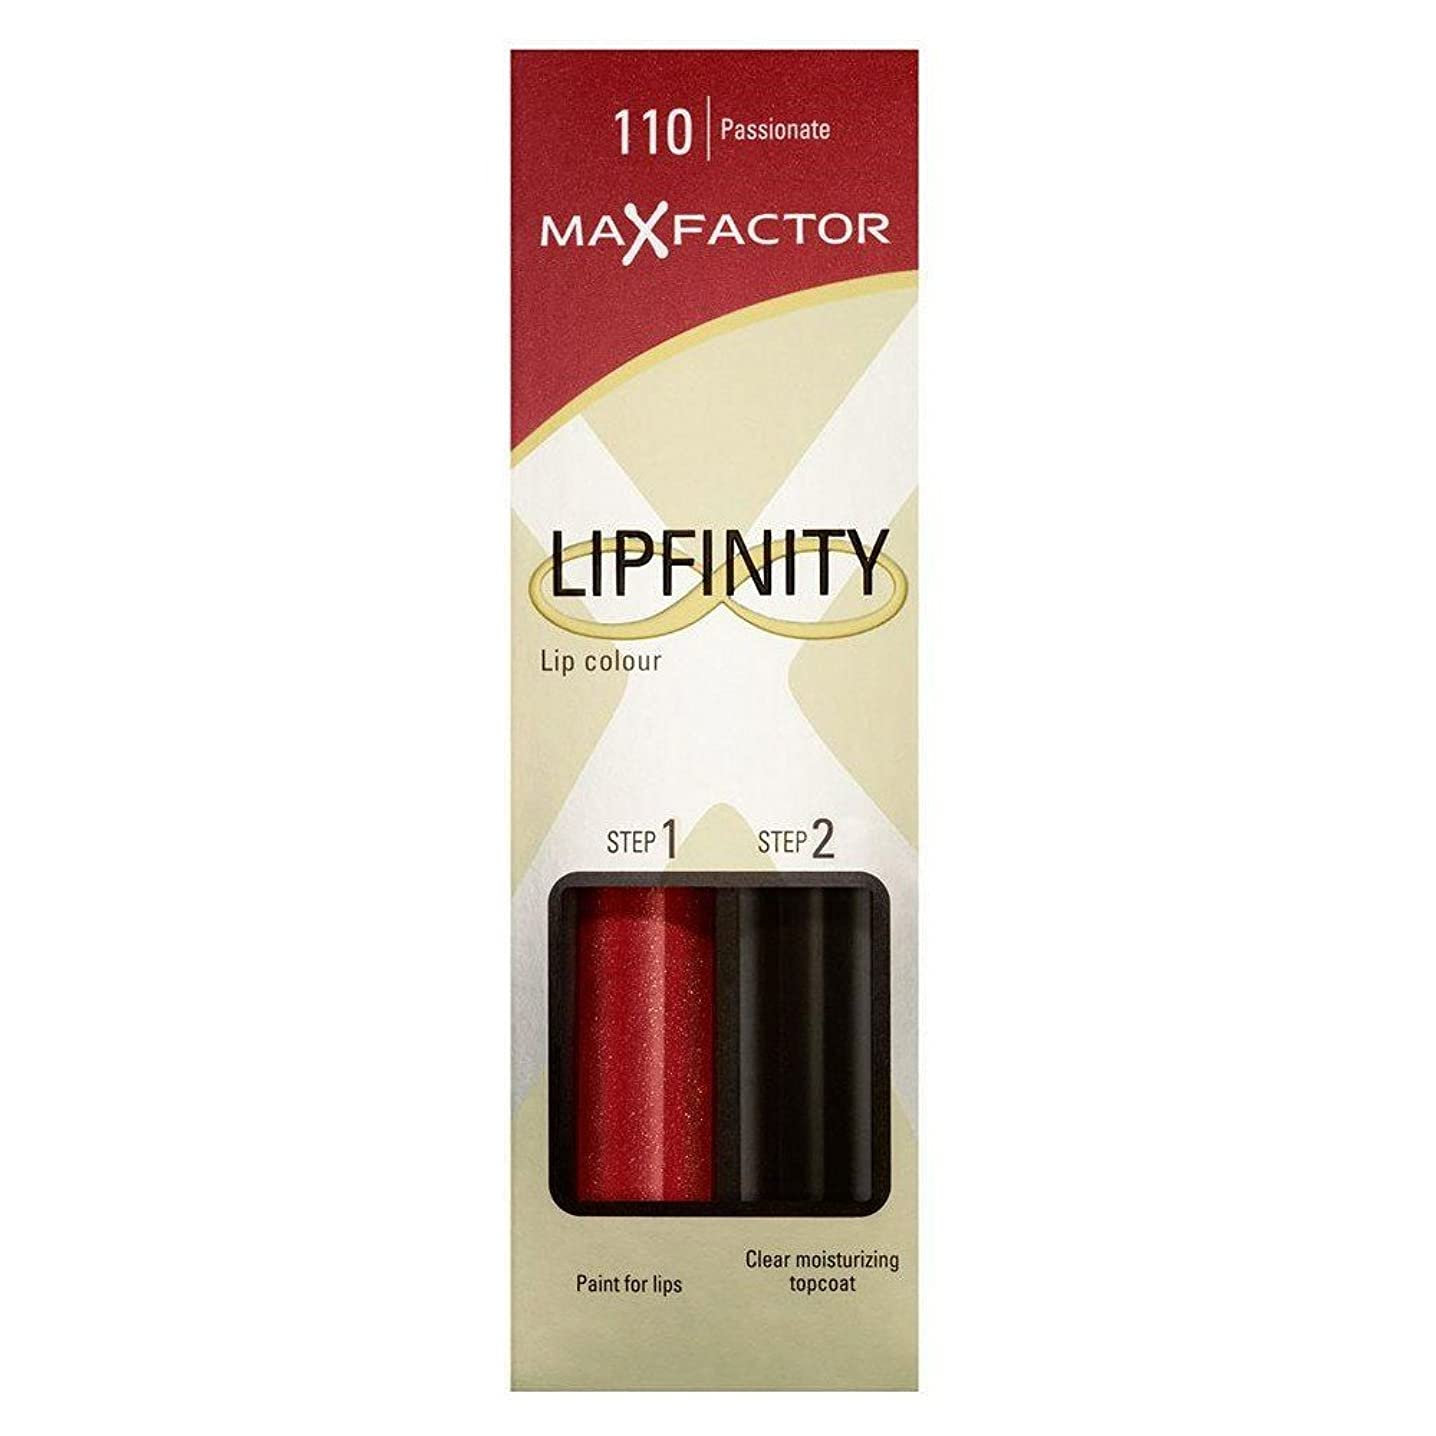 無駄人柄こどもの宮殿Max Factor Lipfinity - 03 Mellow Rose マックスファクターlipfinity - 03メロウローズ [並行輸入品]